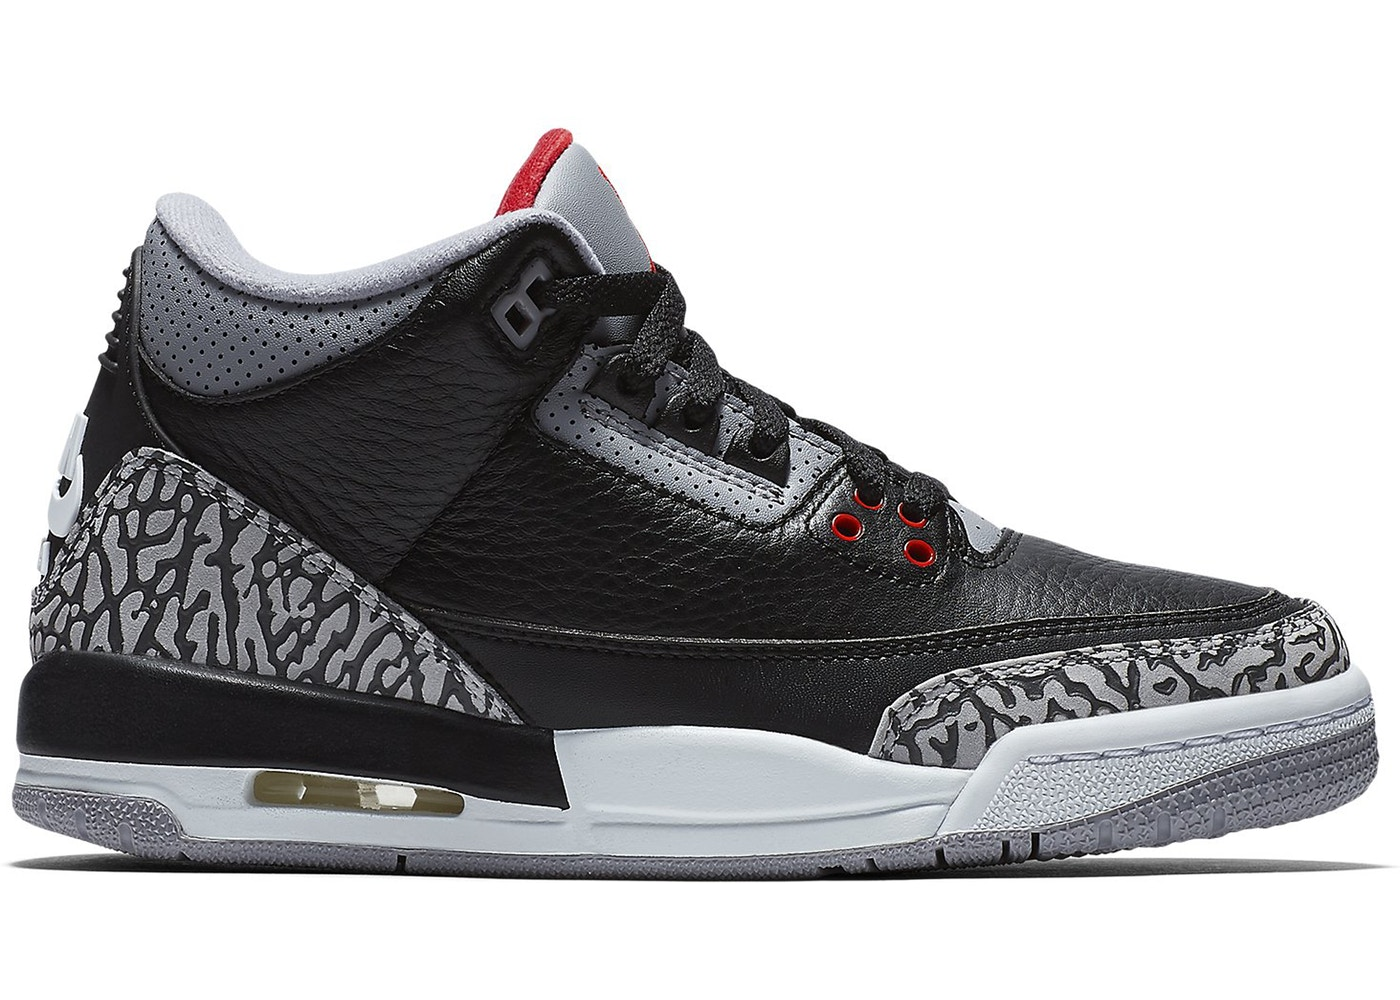 Jordan 3 Retro Black Cement 2018 (GS)